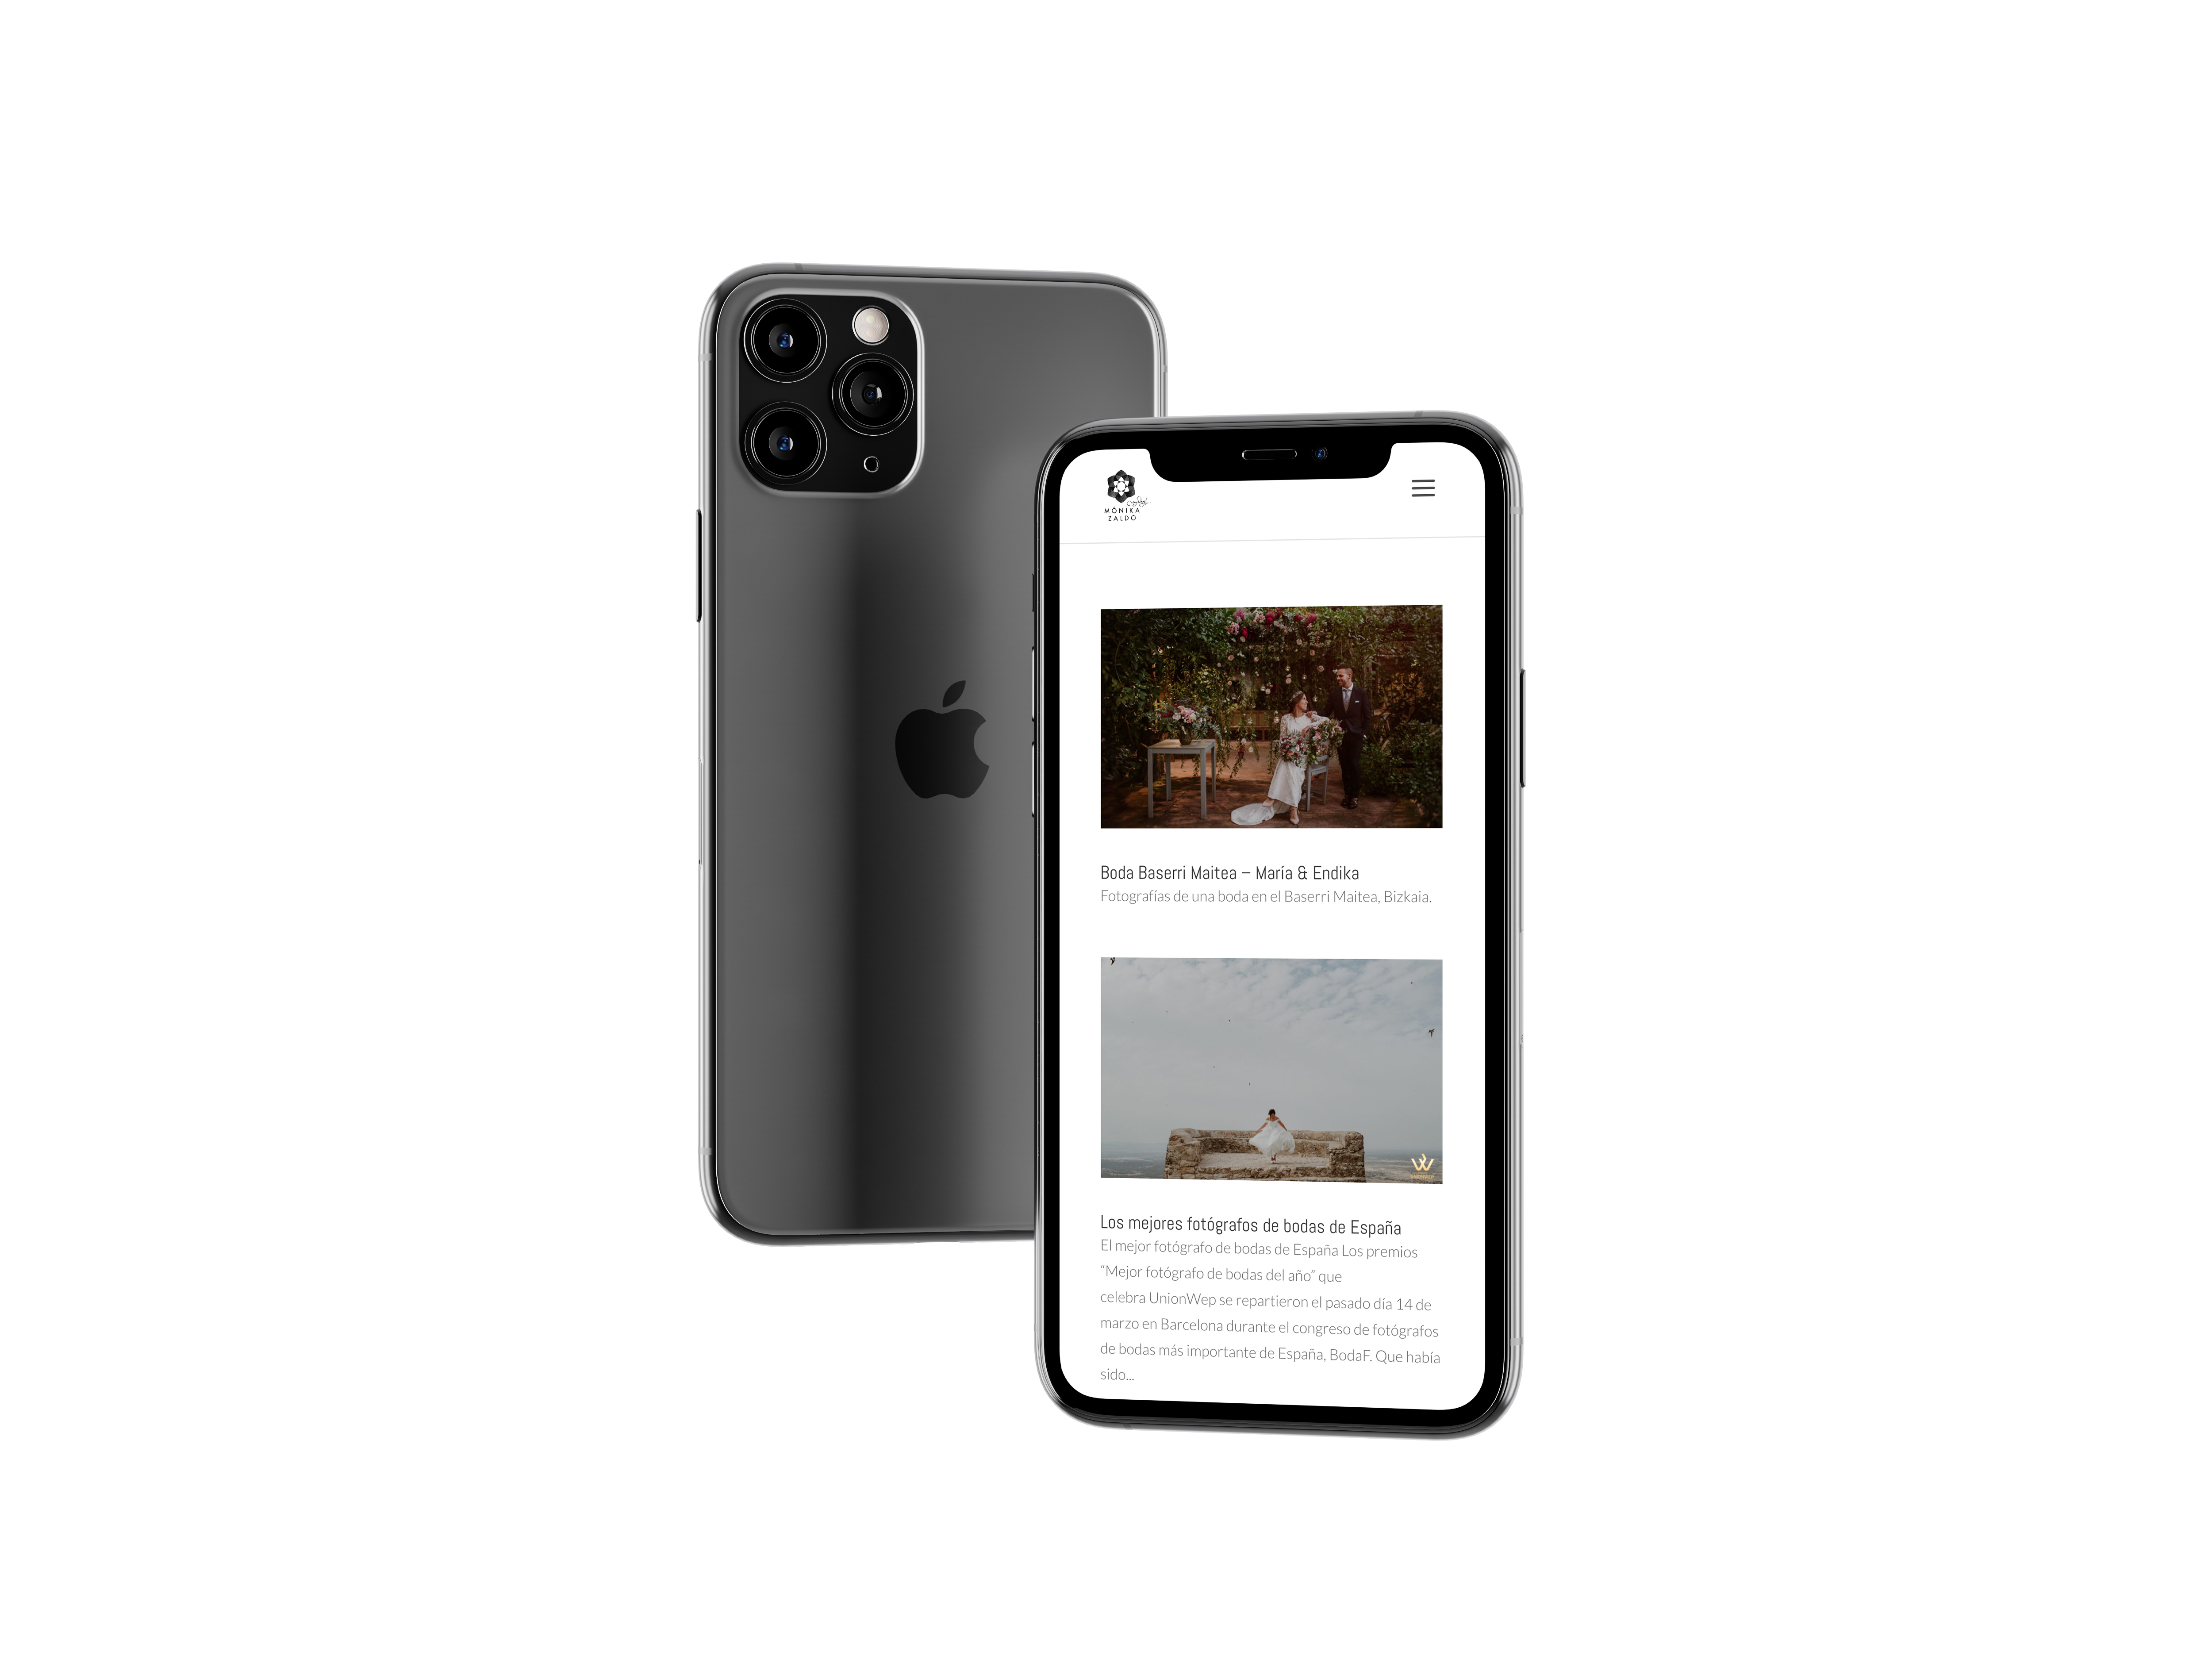 monika-zaldo-ipad-iphone-webs-para-fotografos